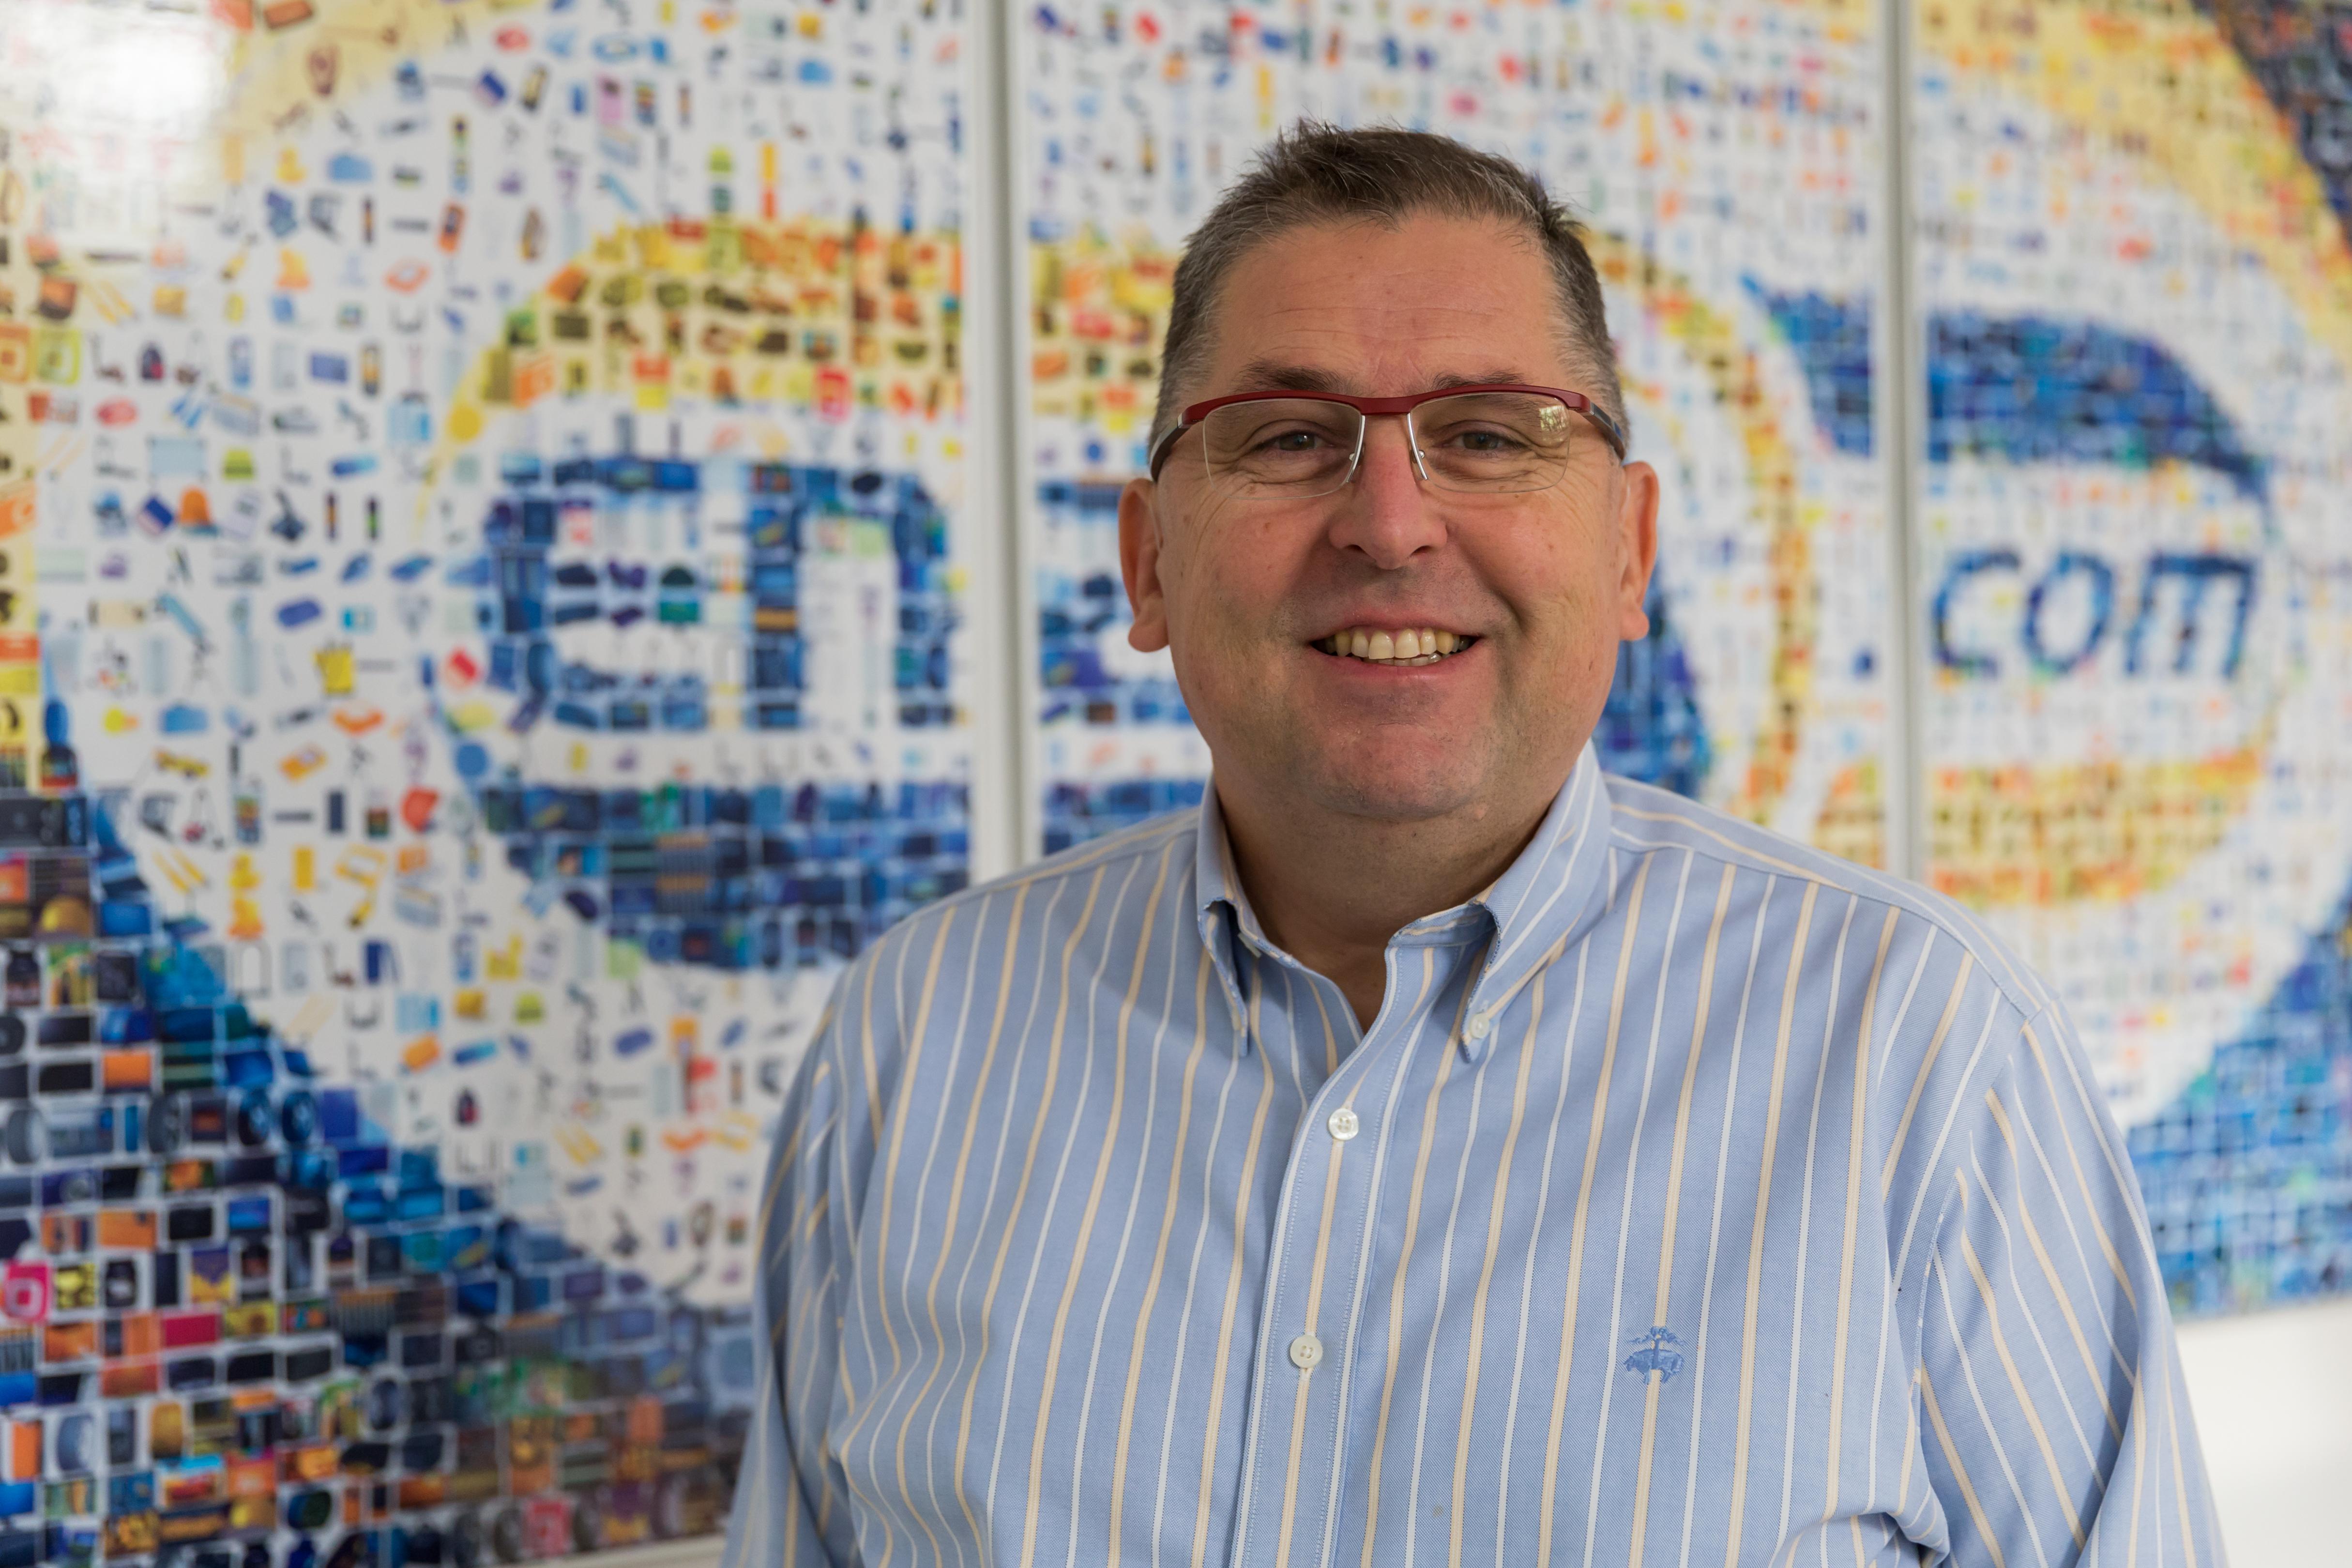 Aljoša Domijan, serijski podjetnik, partner v podjetju Gambit trade d. o. o., ki upravlja spletno trgovino enaA.com